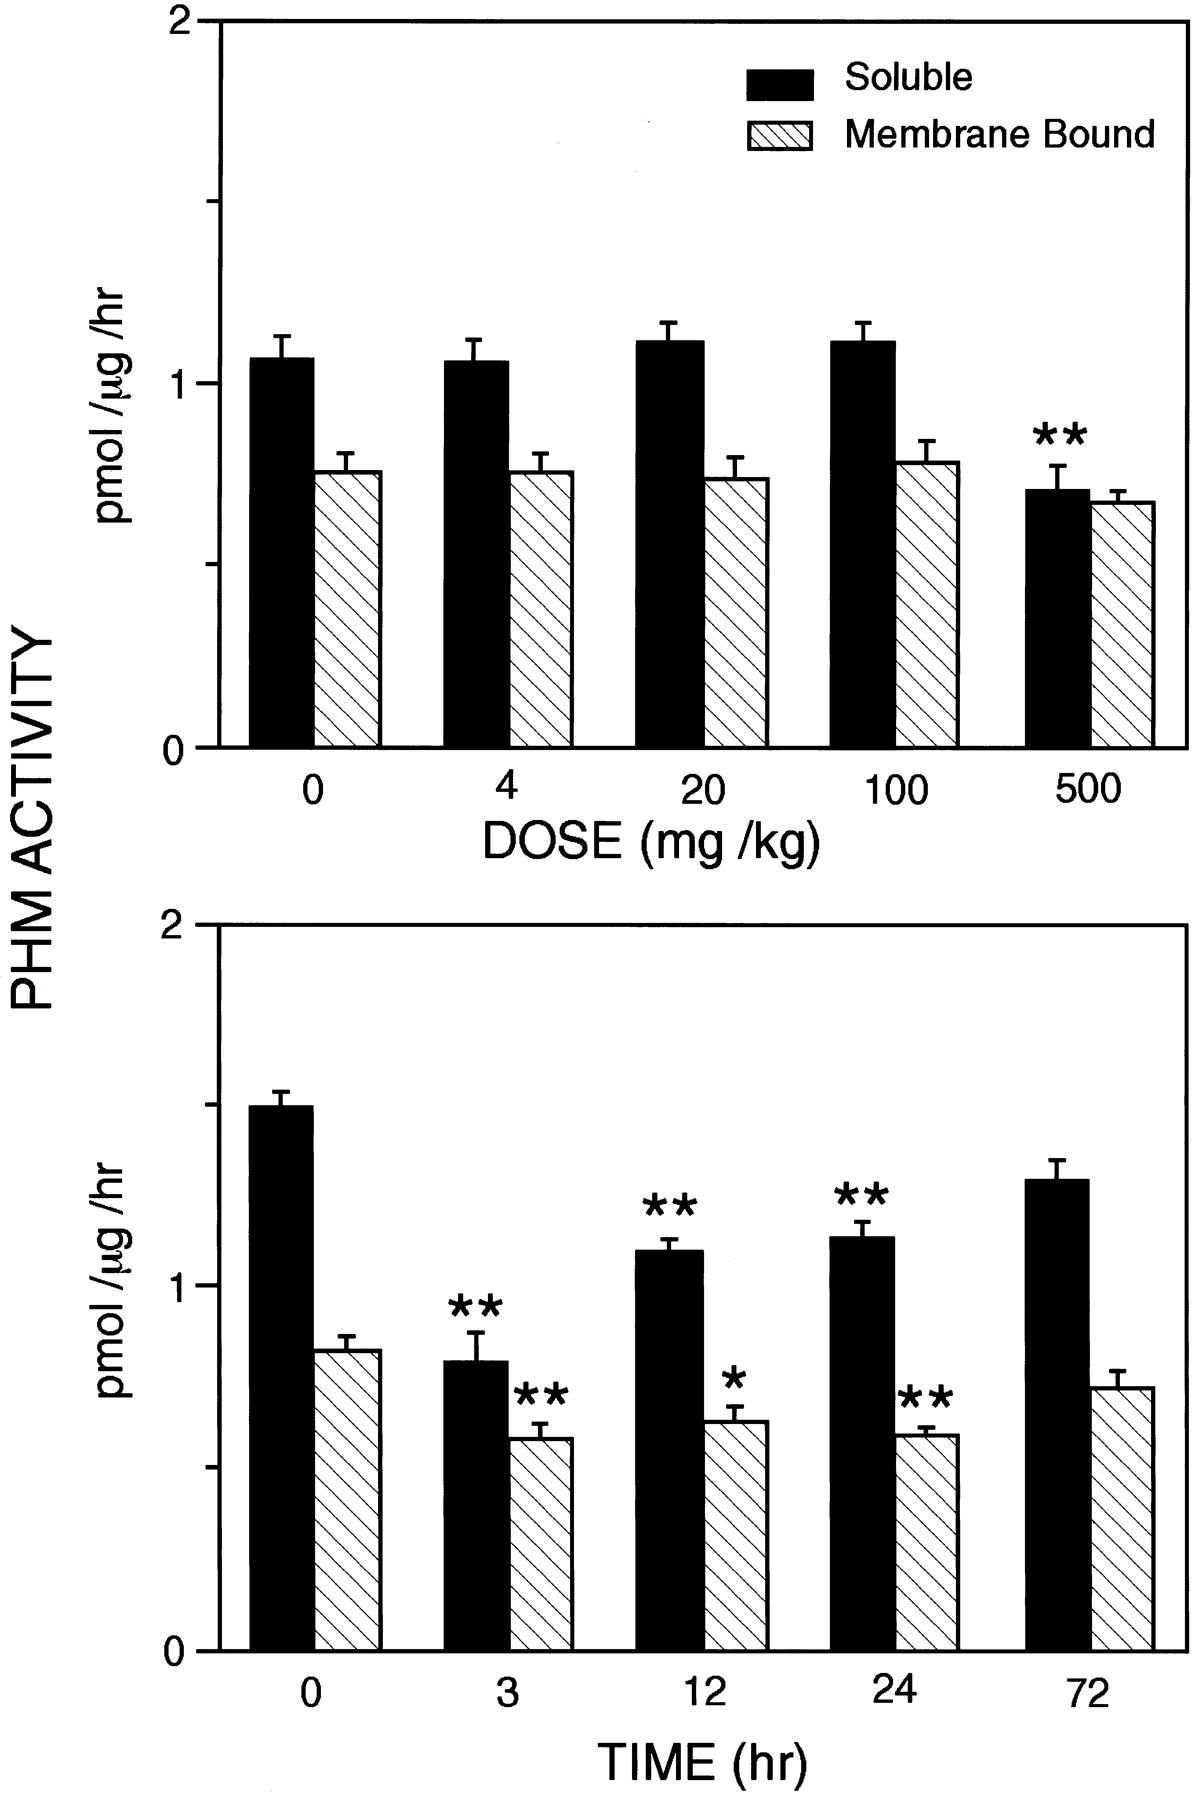 Peptidylglycine alpha-amidating monooxygenase inhibitor definition